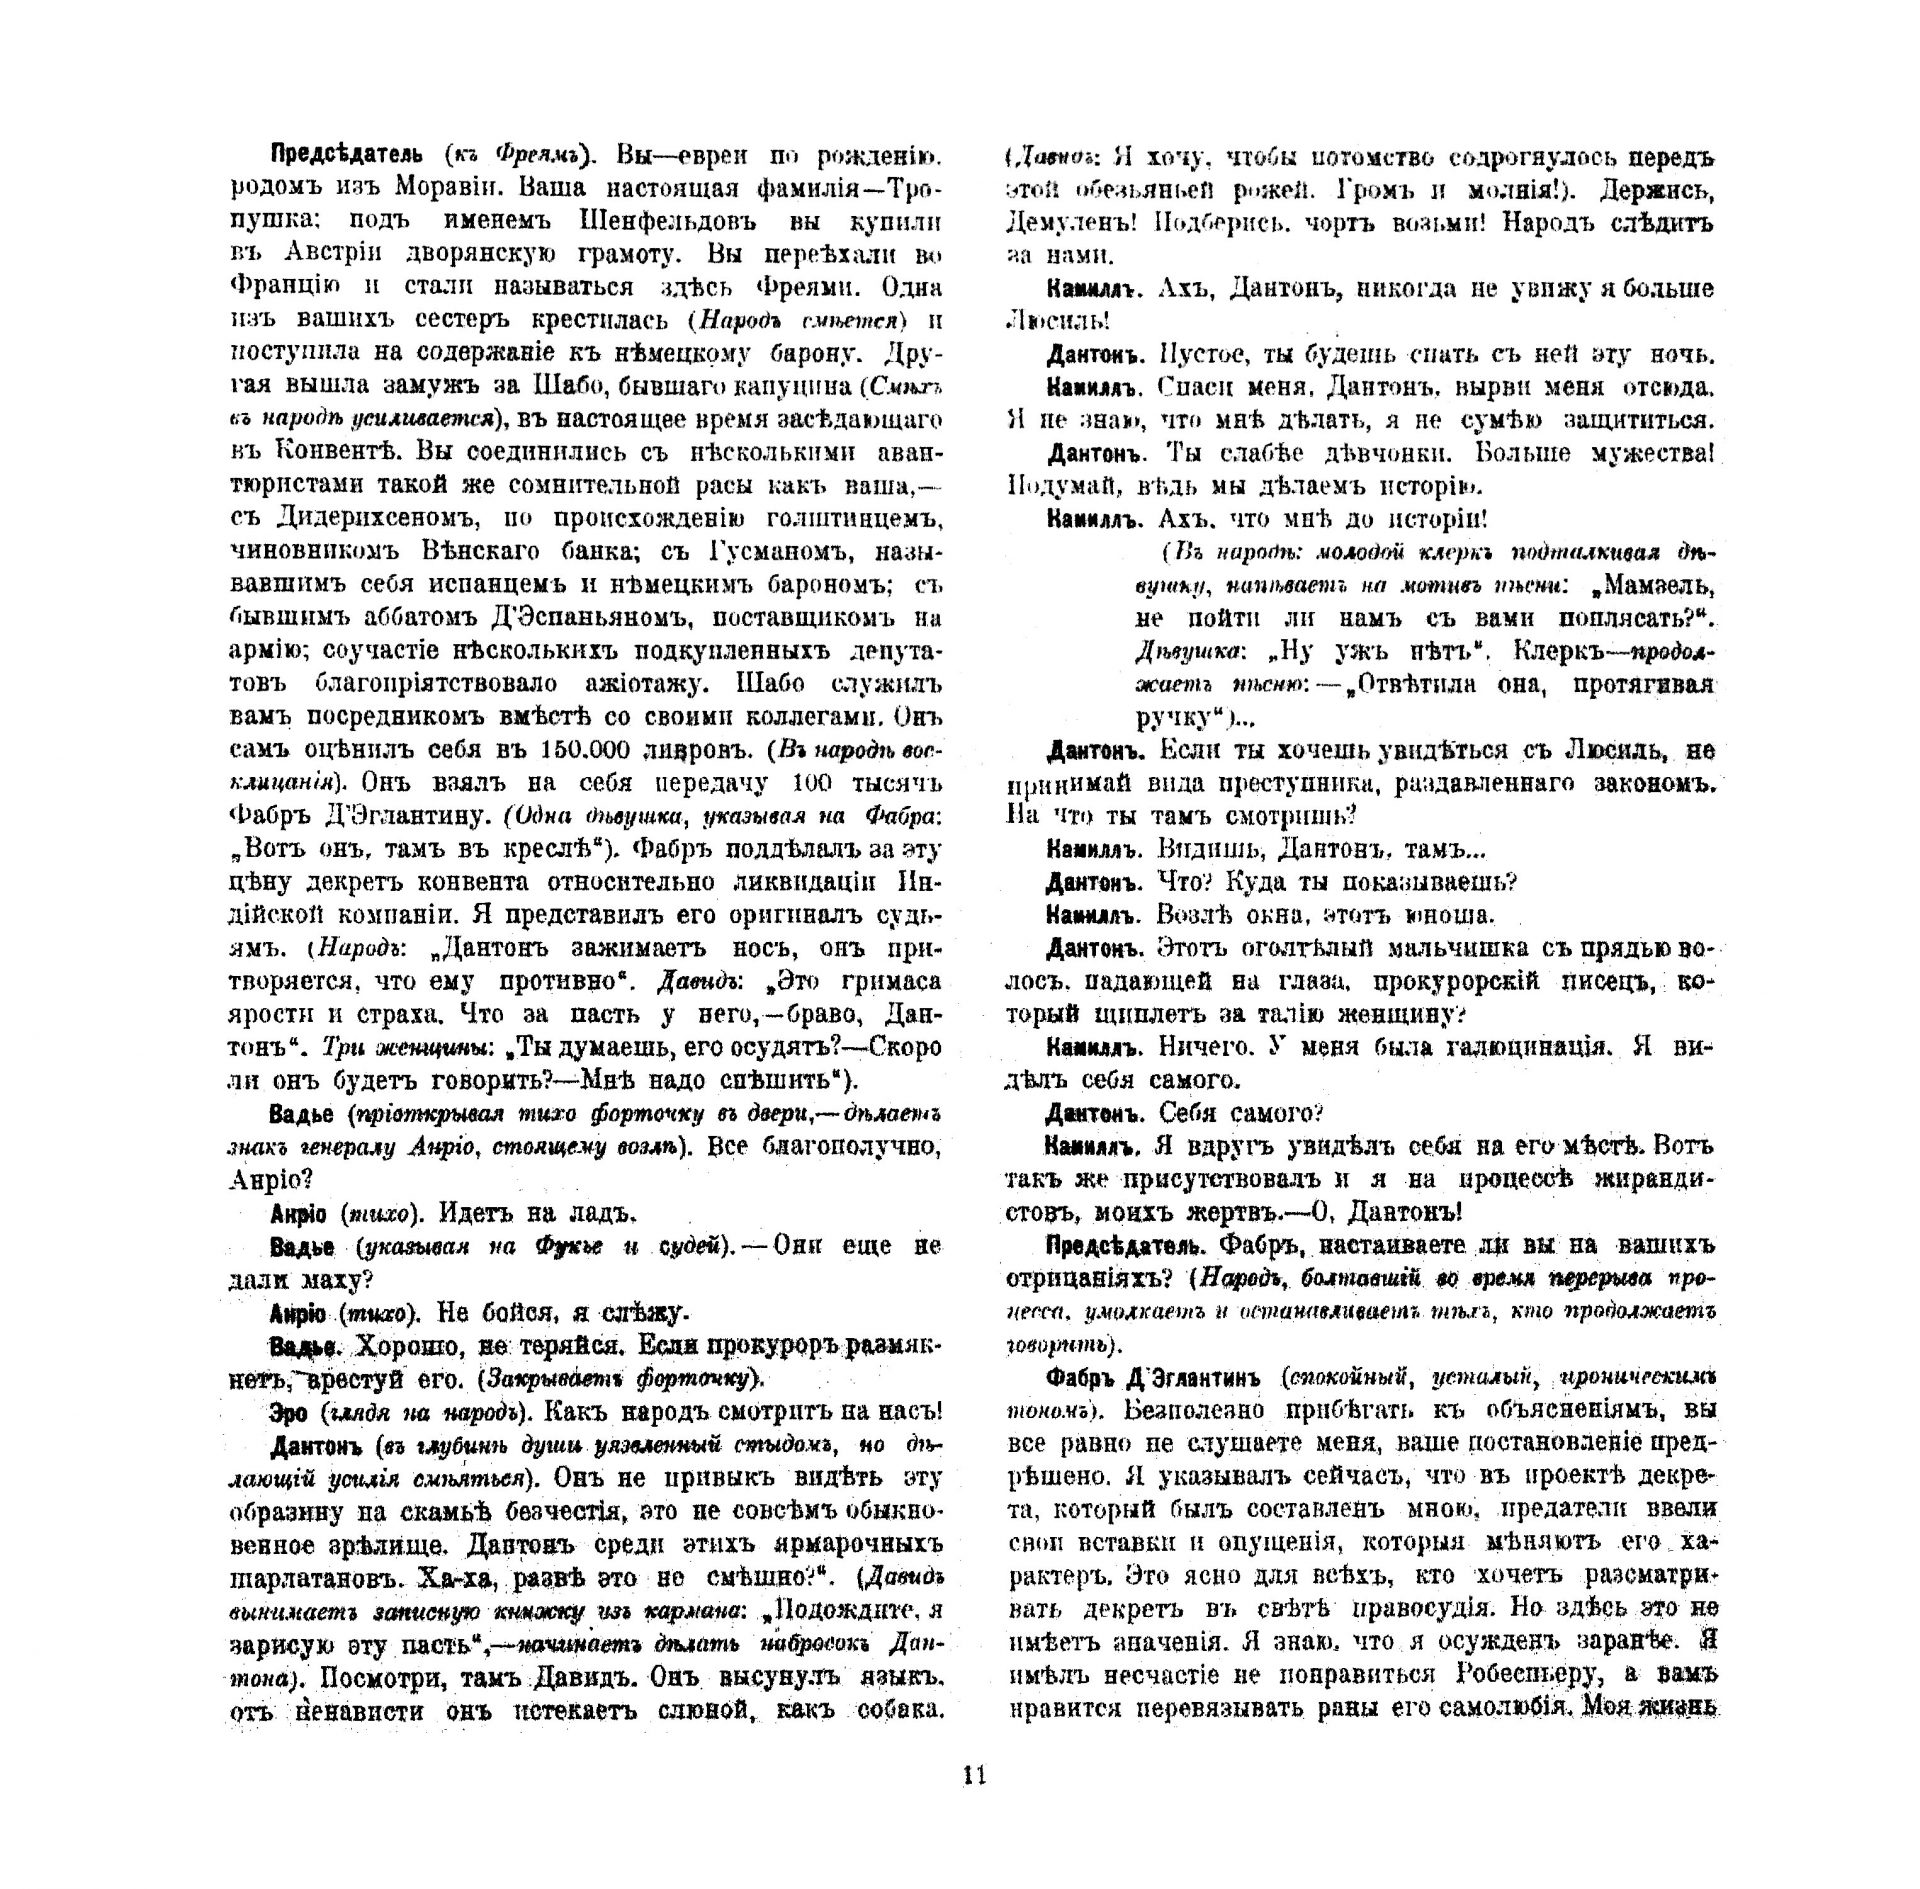 Творчество_1919_№3